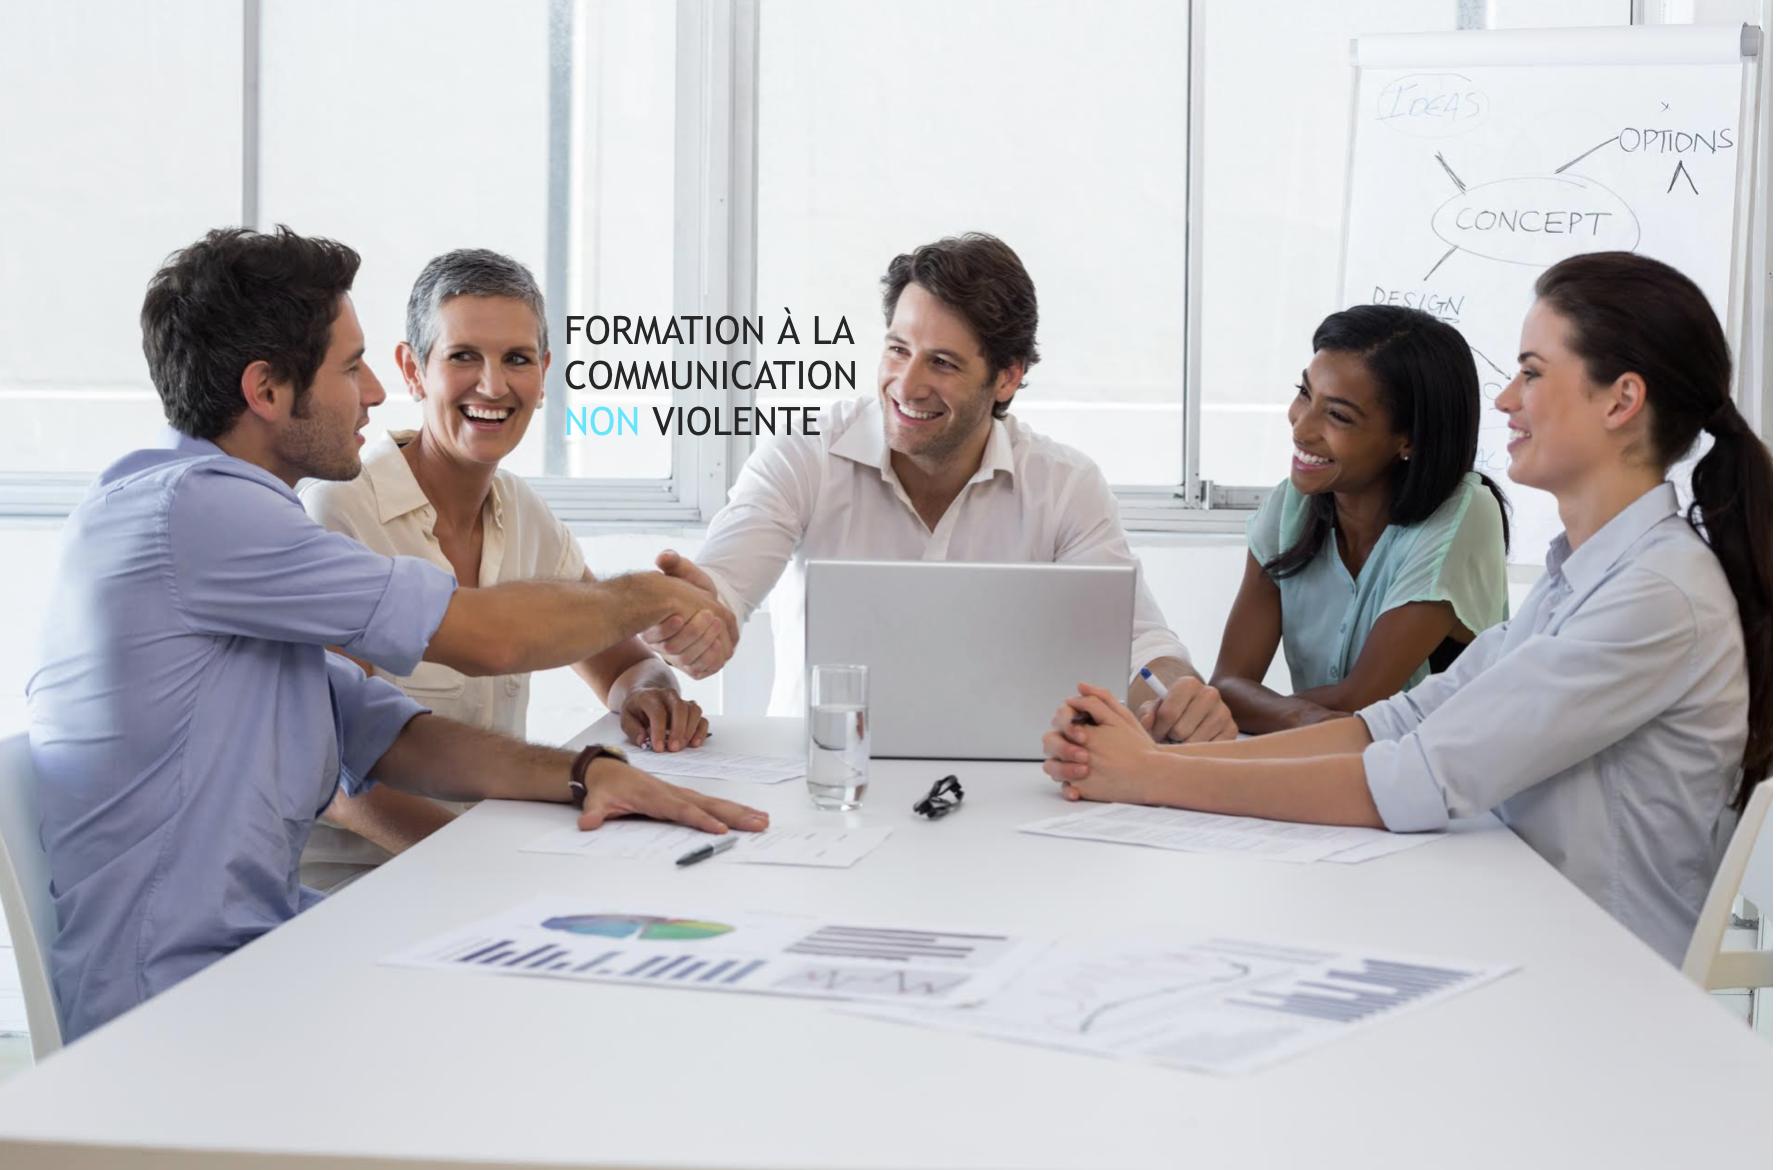 Formation à la communication non violente